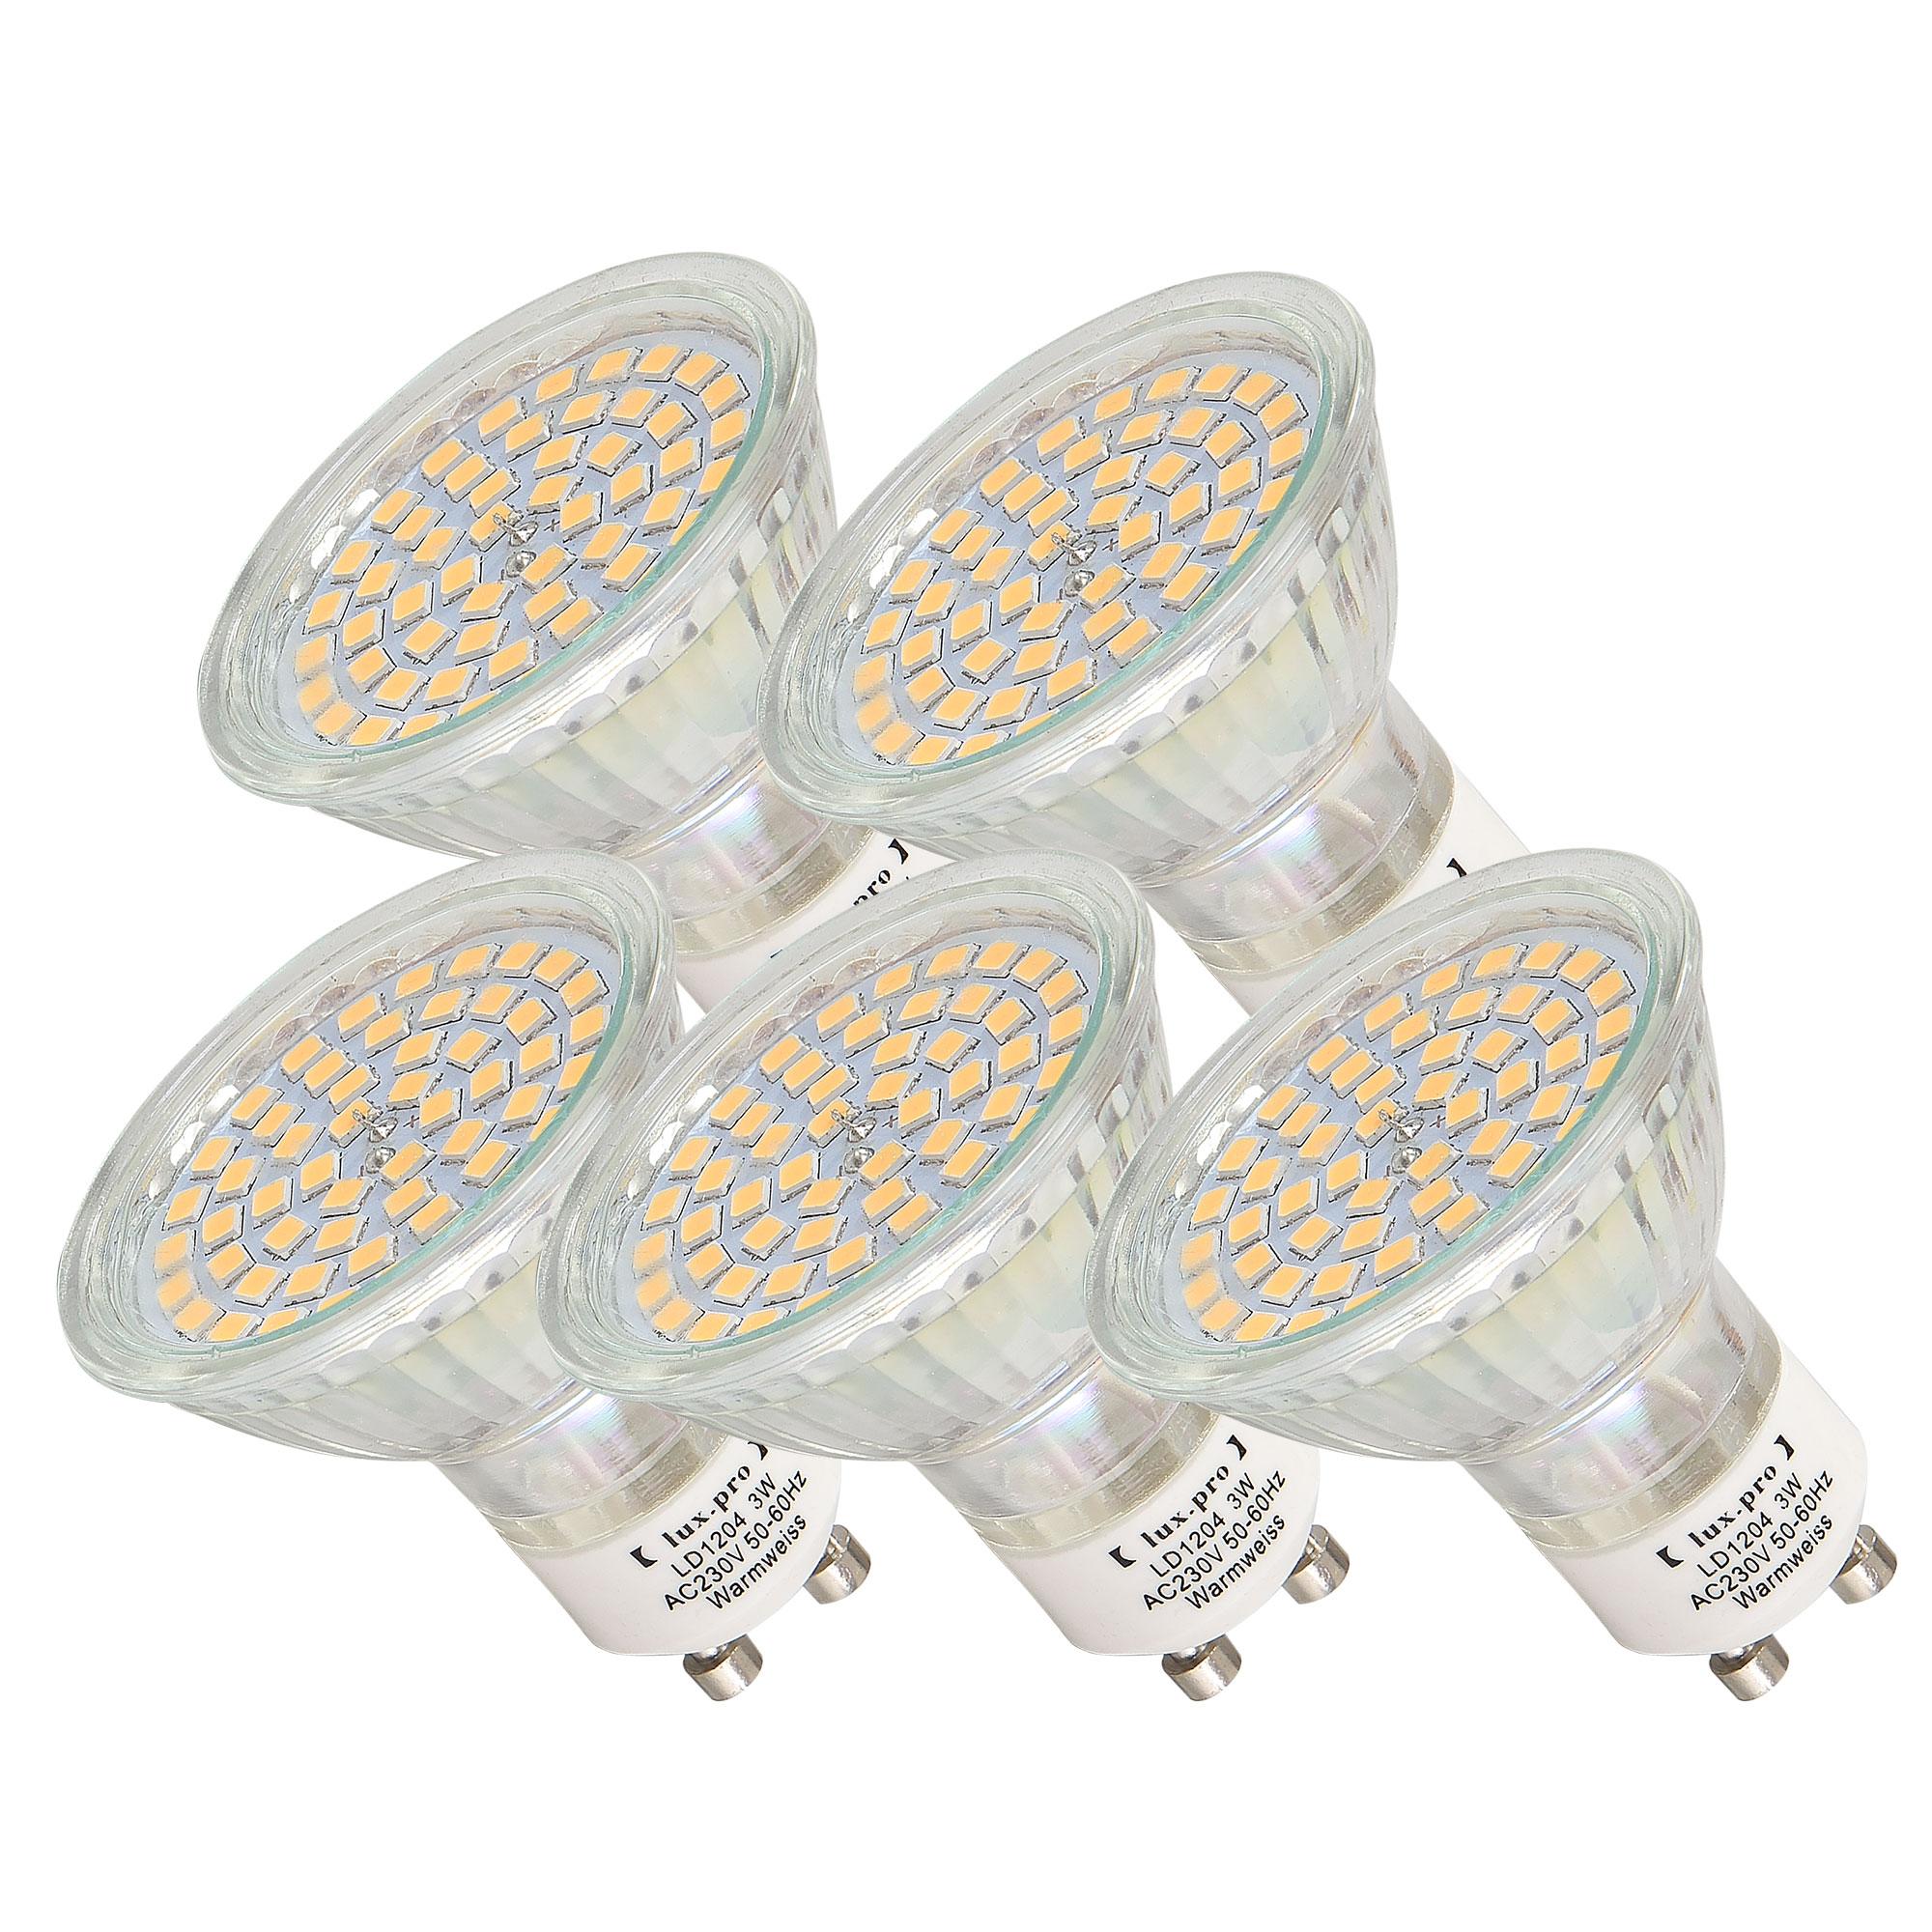 [lux.pro]® LED žárovka Spot 5x LD1204-WW